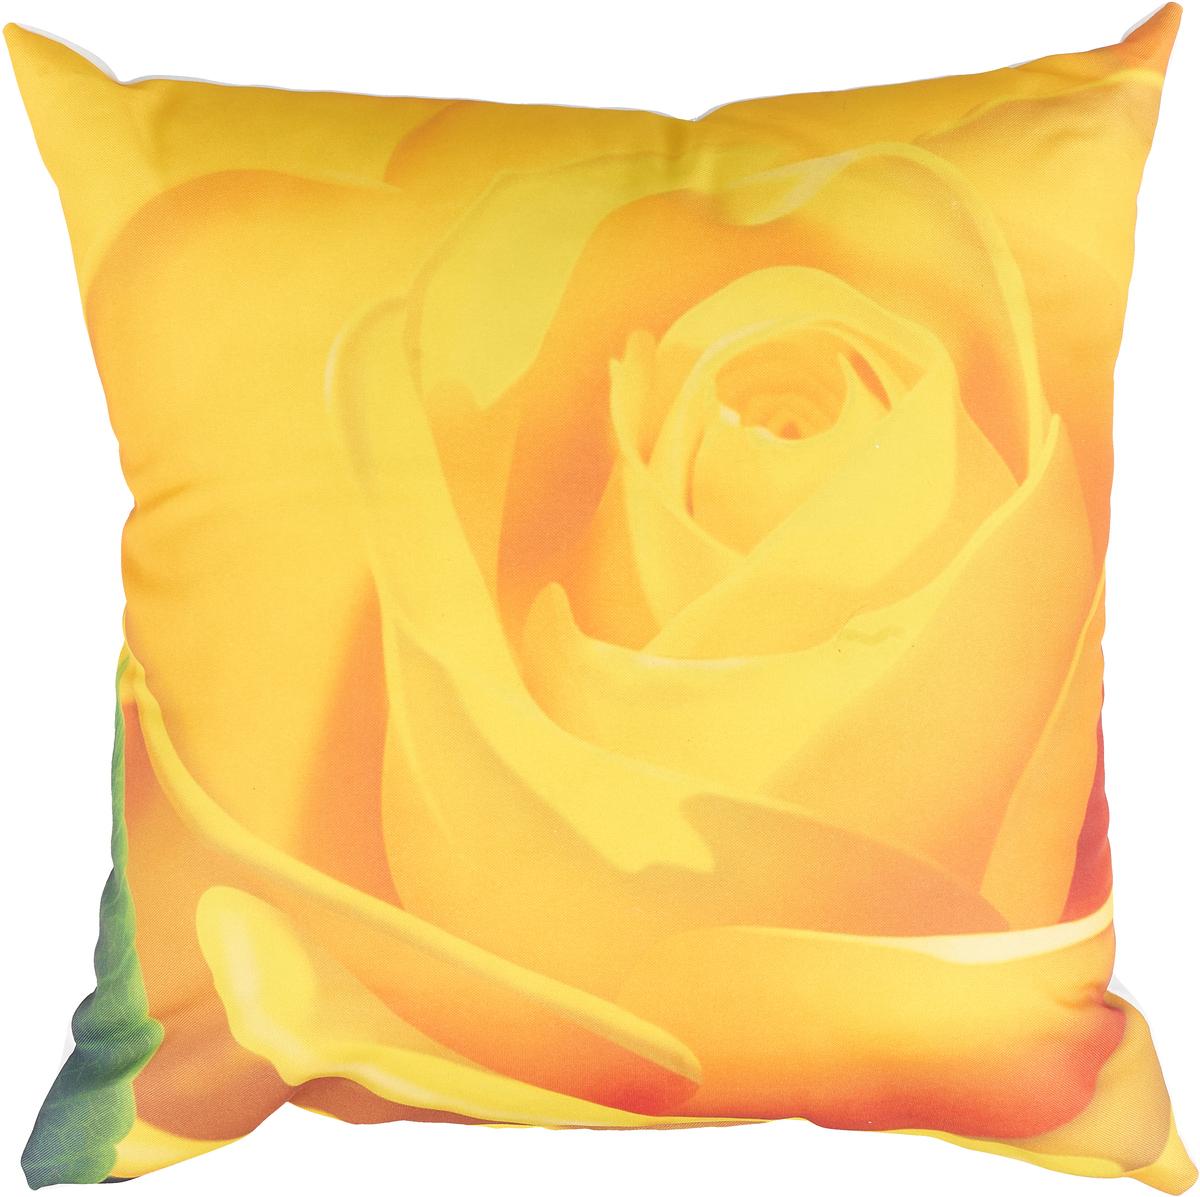 Подушка декоративная МарТекс Линет, цвет: желтый, 45 х 45 см. 16-1242-116-1242-1Декоративная подушка, рисунок выполнен методом фотопечати. Наполнение полое силиконизированное волокно Hollow Fiber.